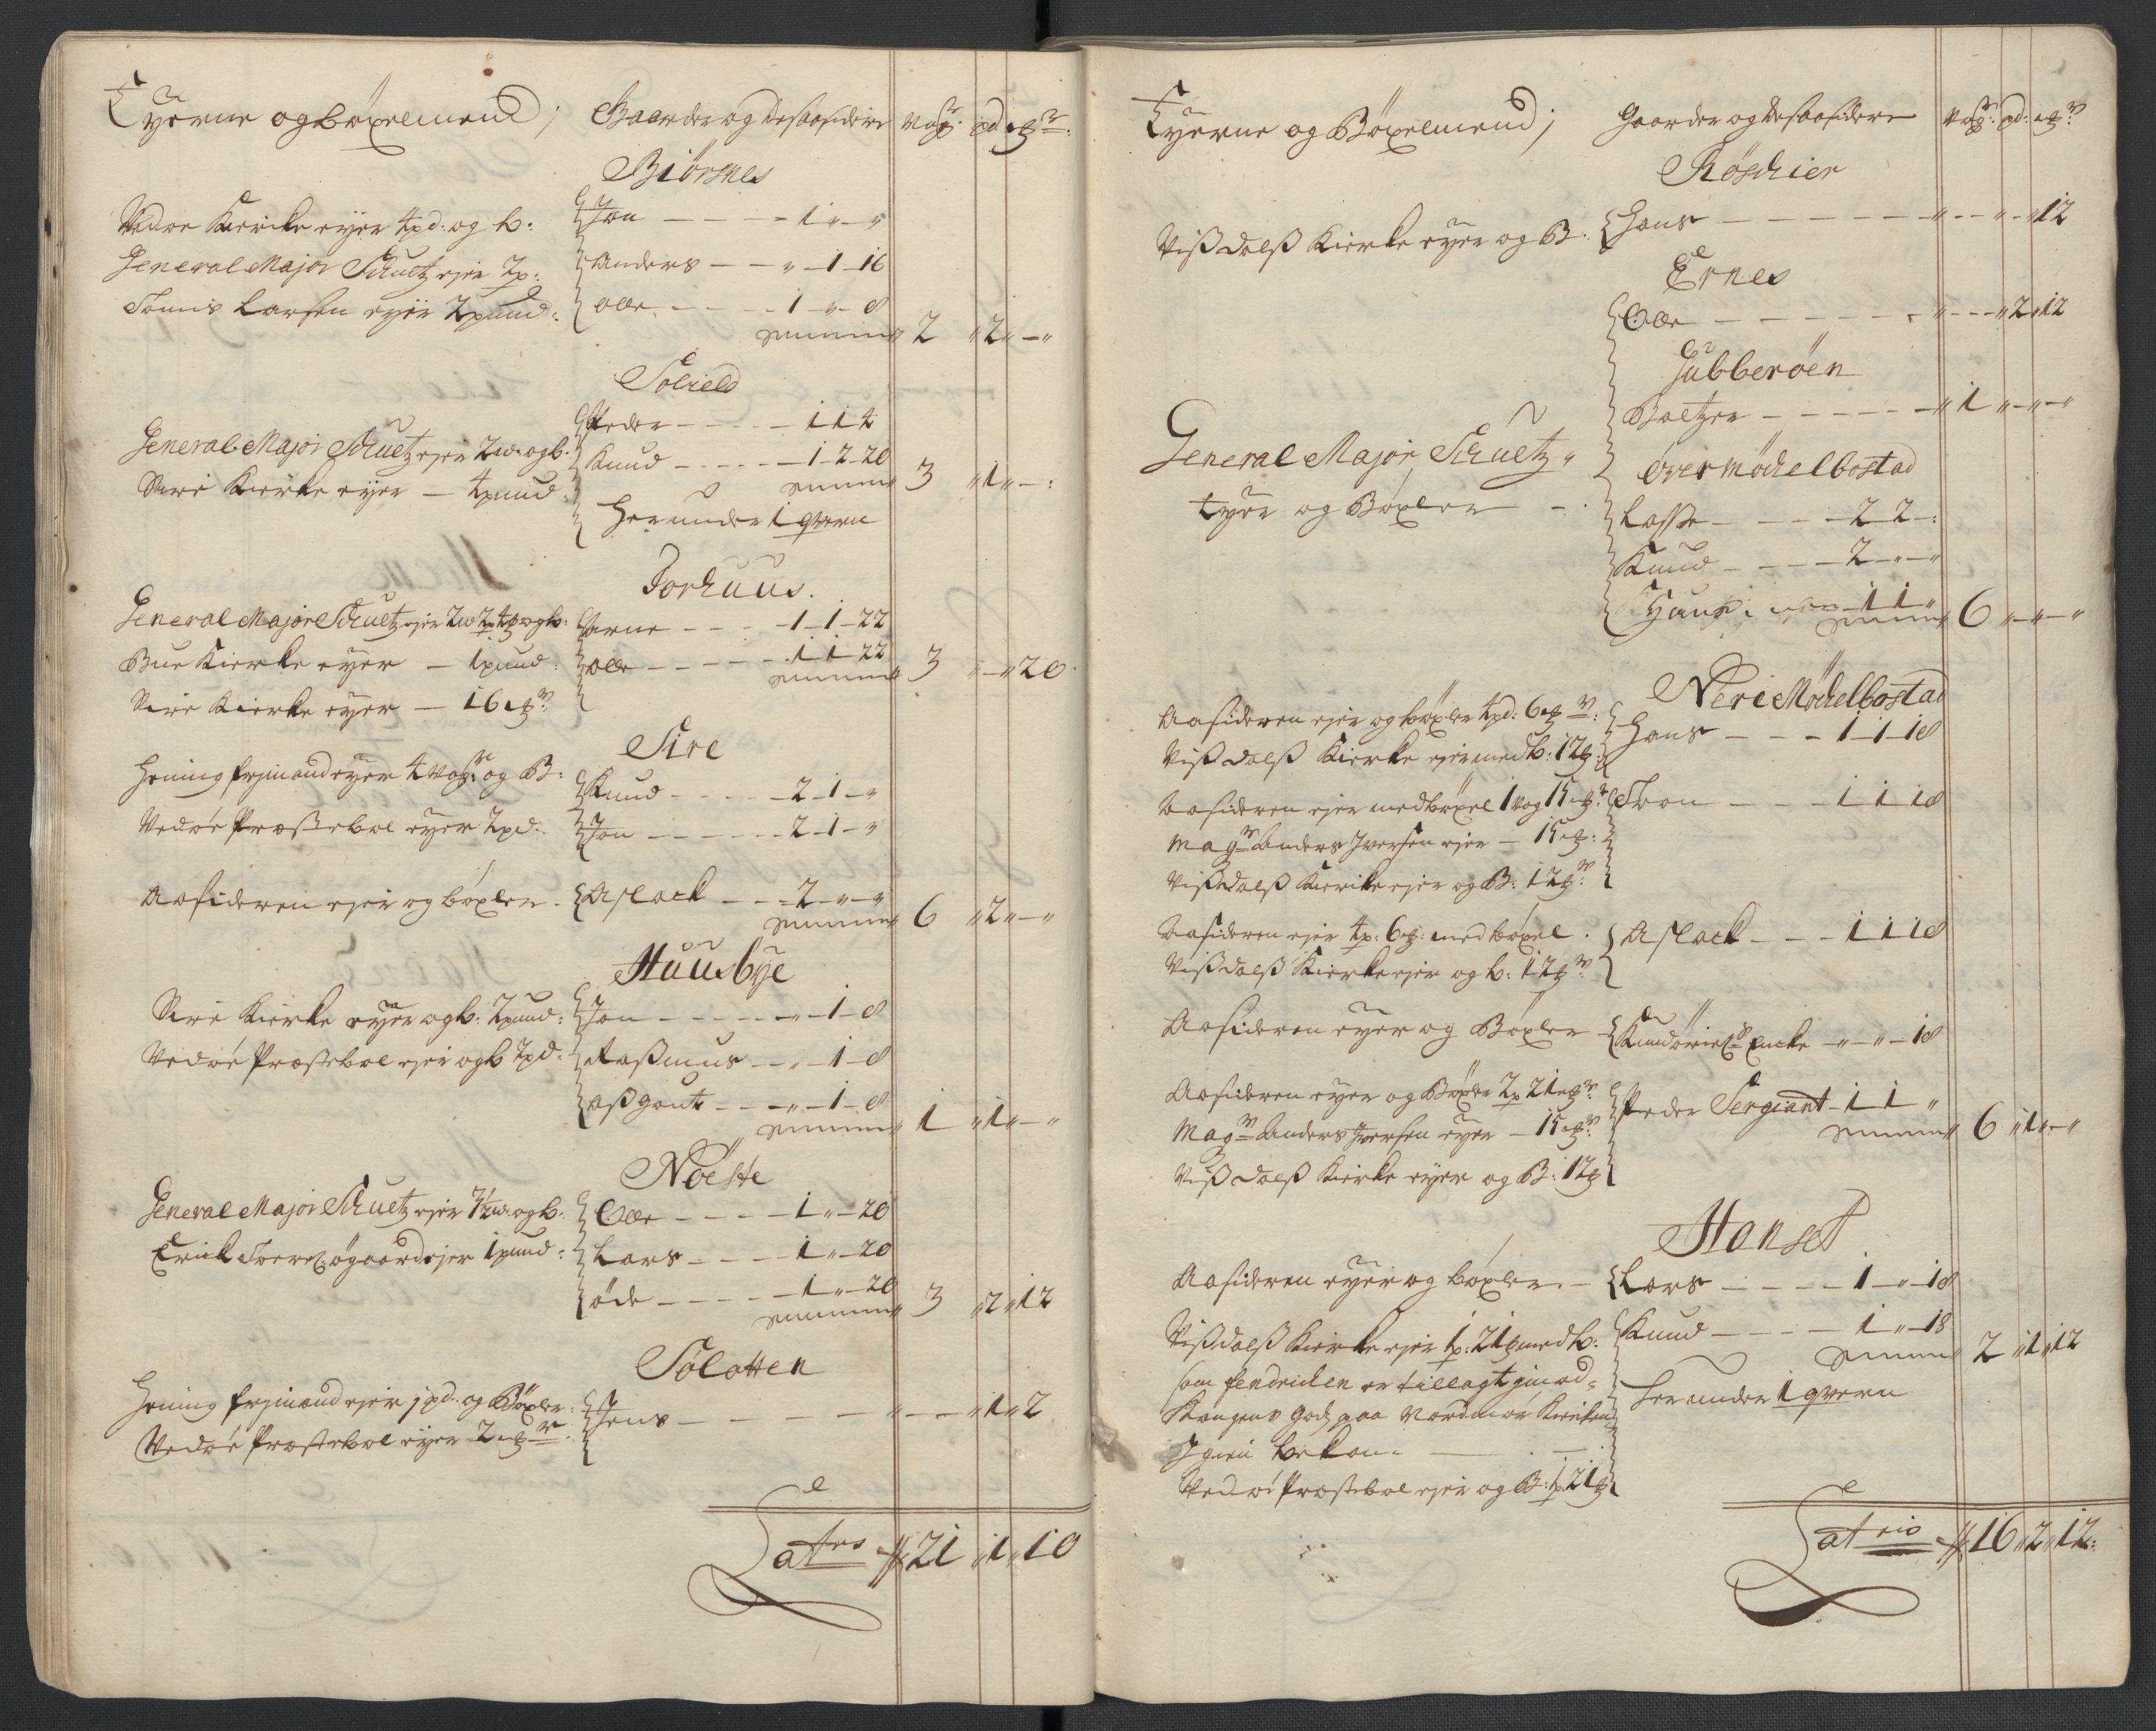 RA, Rentekammeret inntil 1814, Reviderte regnskaper, Fogderegnskap, R55/L3659: Fogderegnskap Romsdal, 1709-1710, s. 292